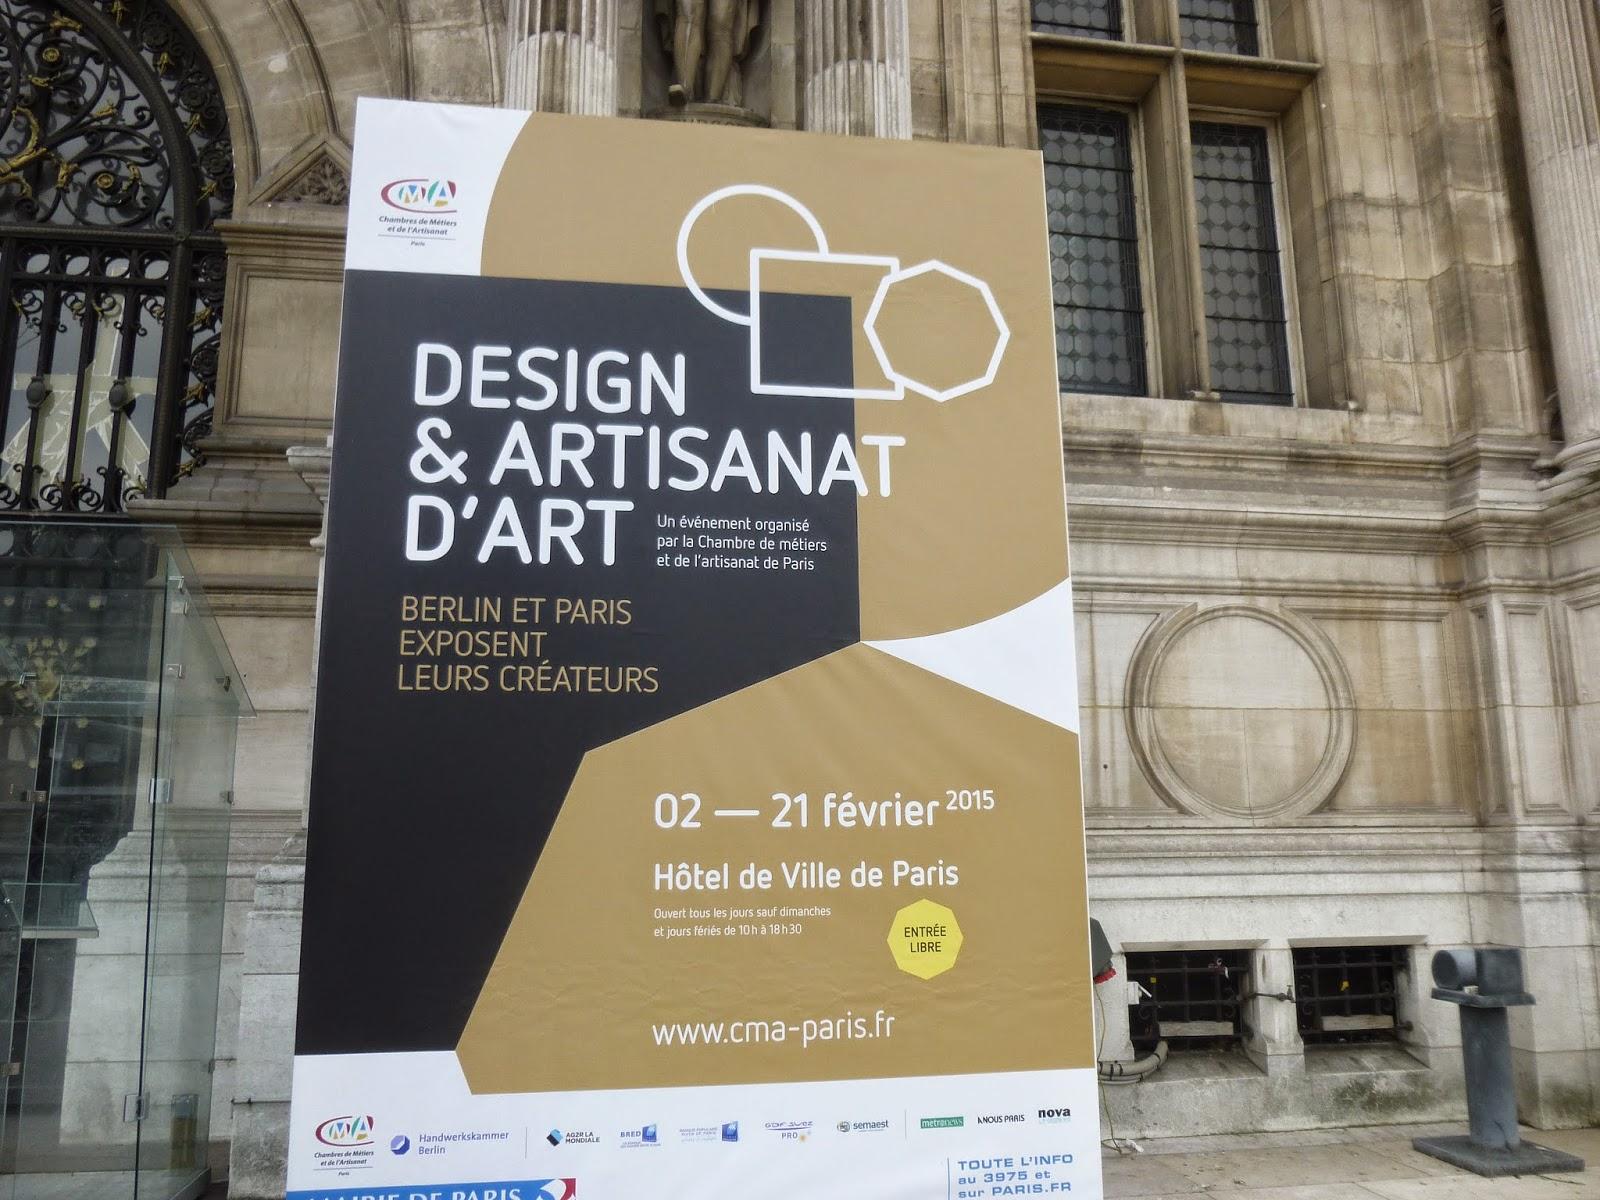 Boutfil, la suite ....: DESING ET ARTISANAT D'ART